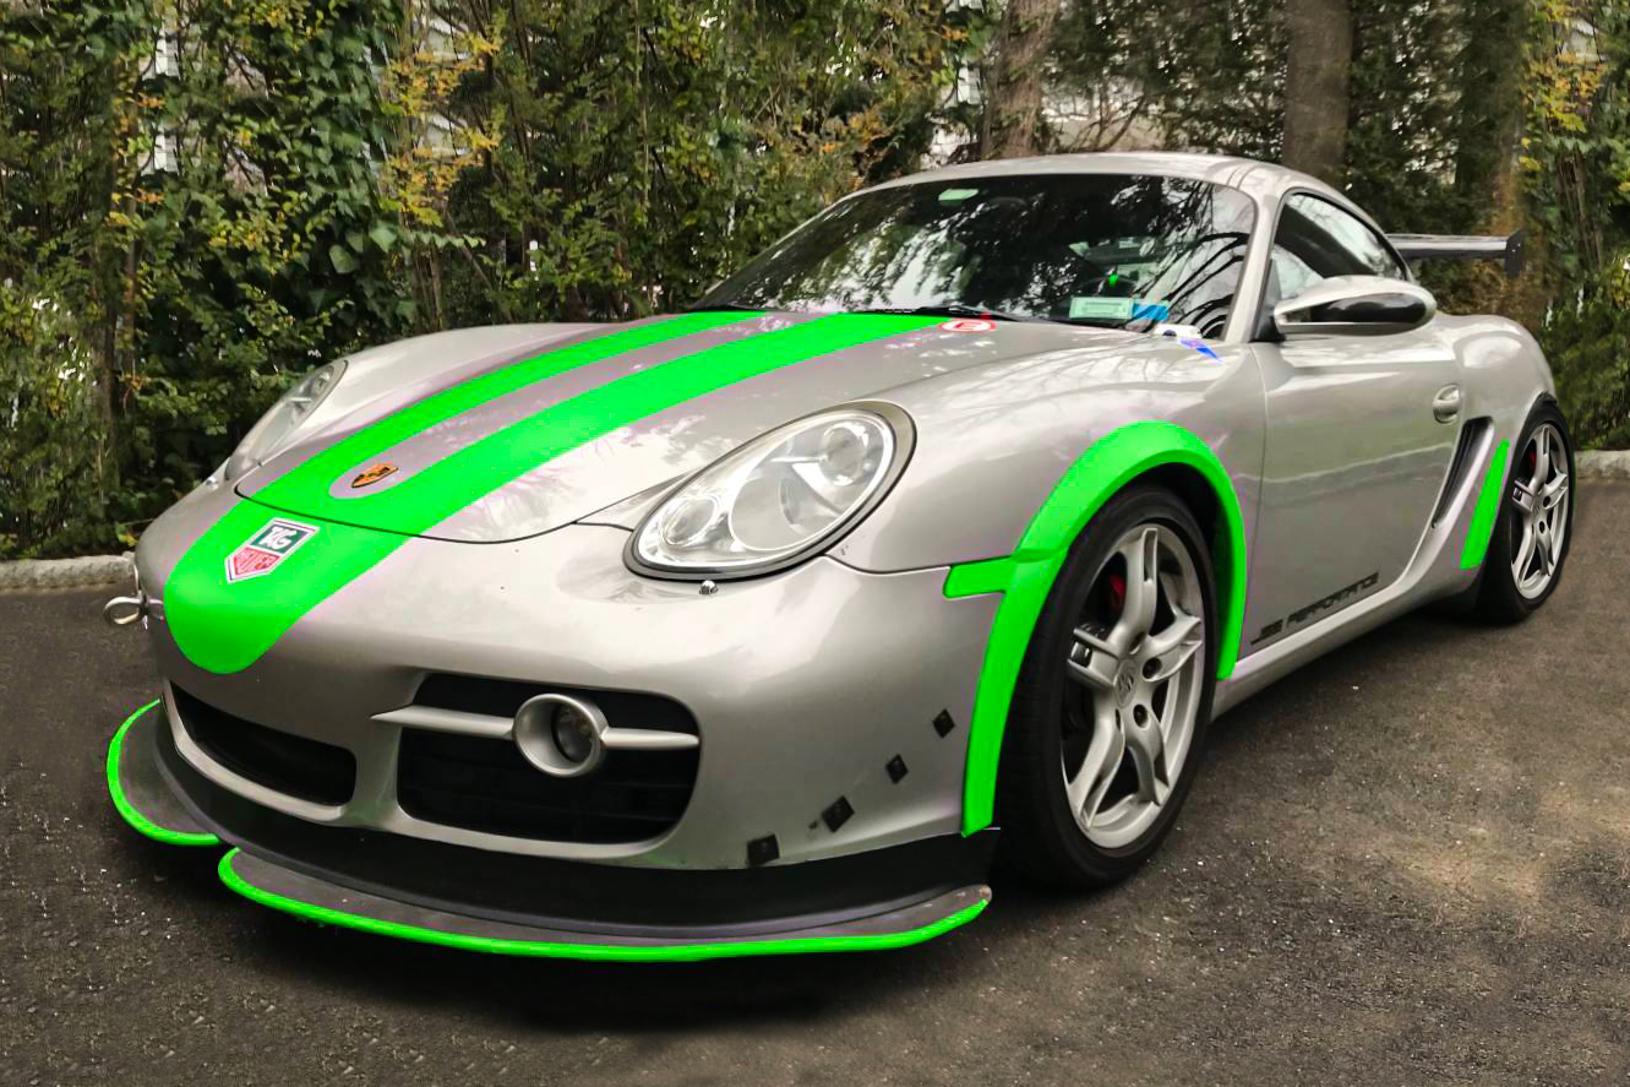 2006 Porsche Cayman S 'Track Car'